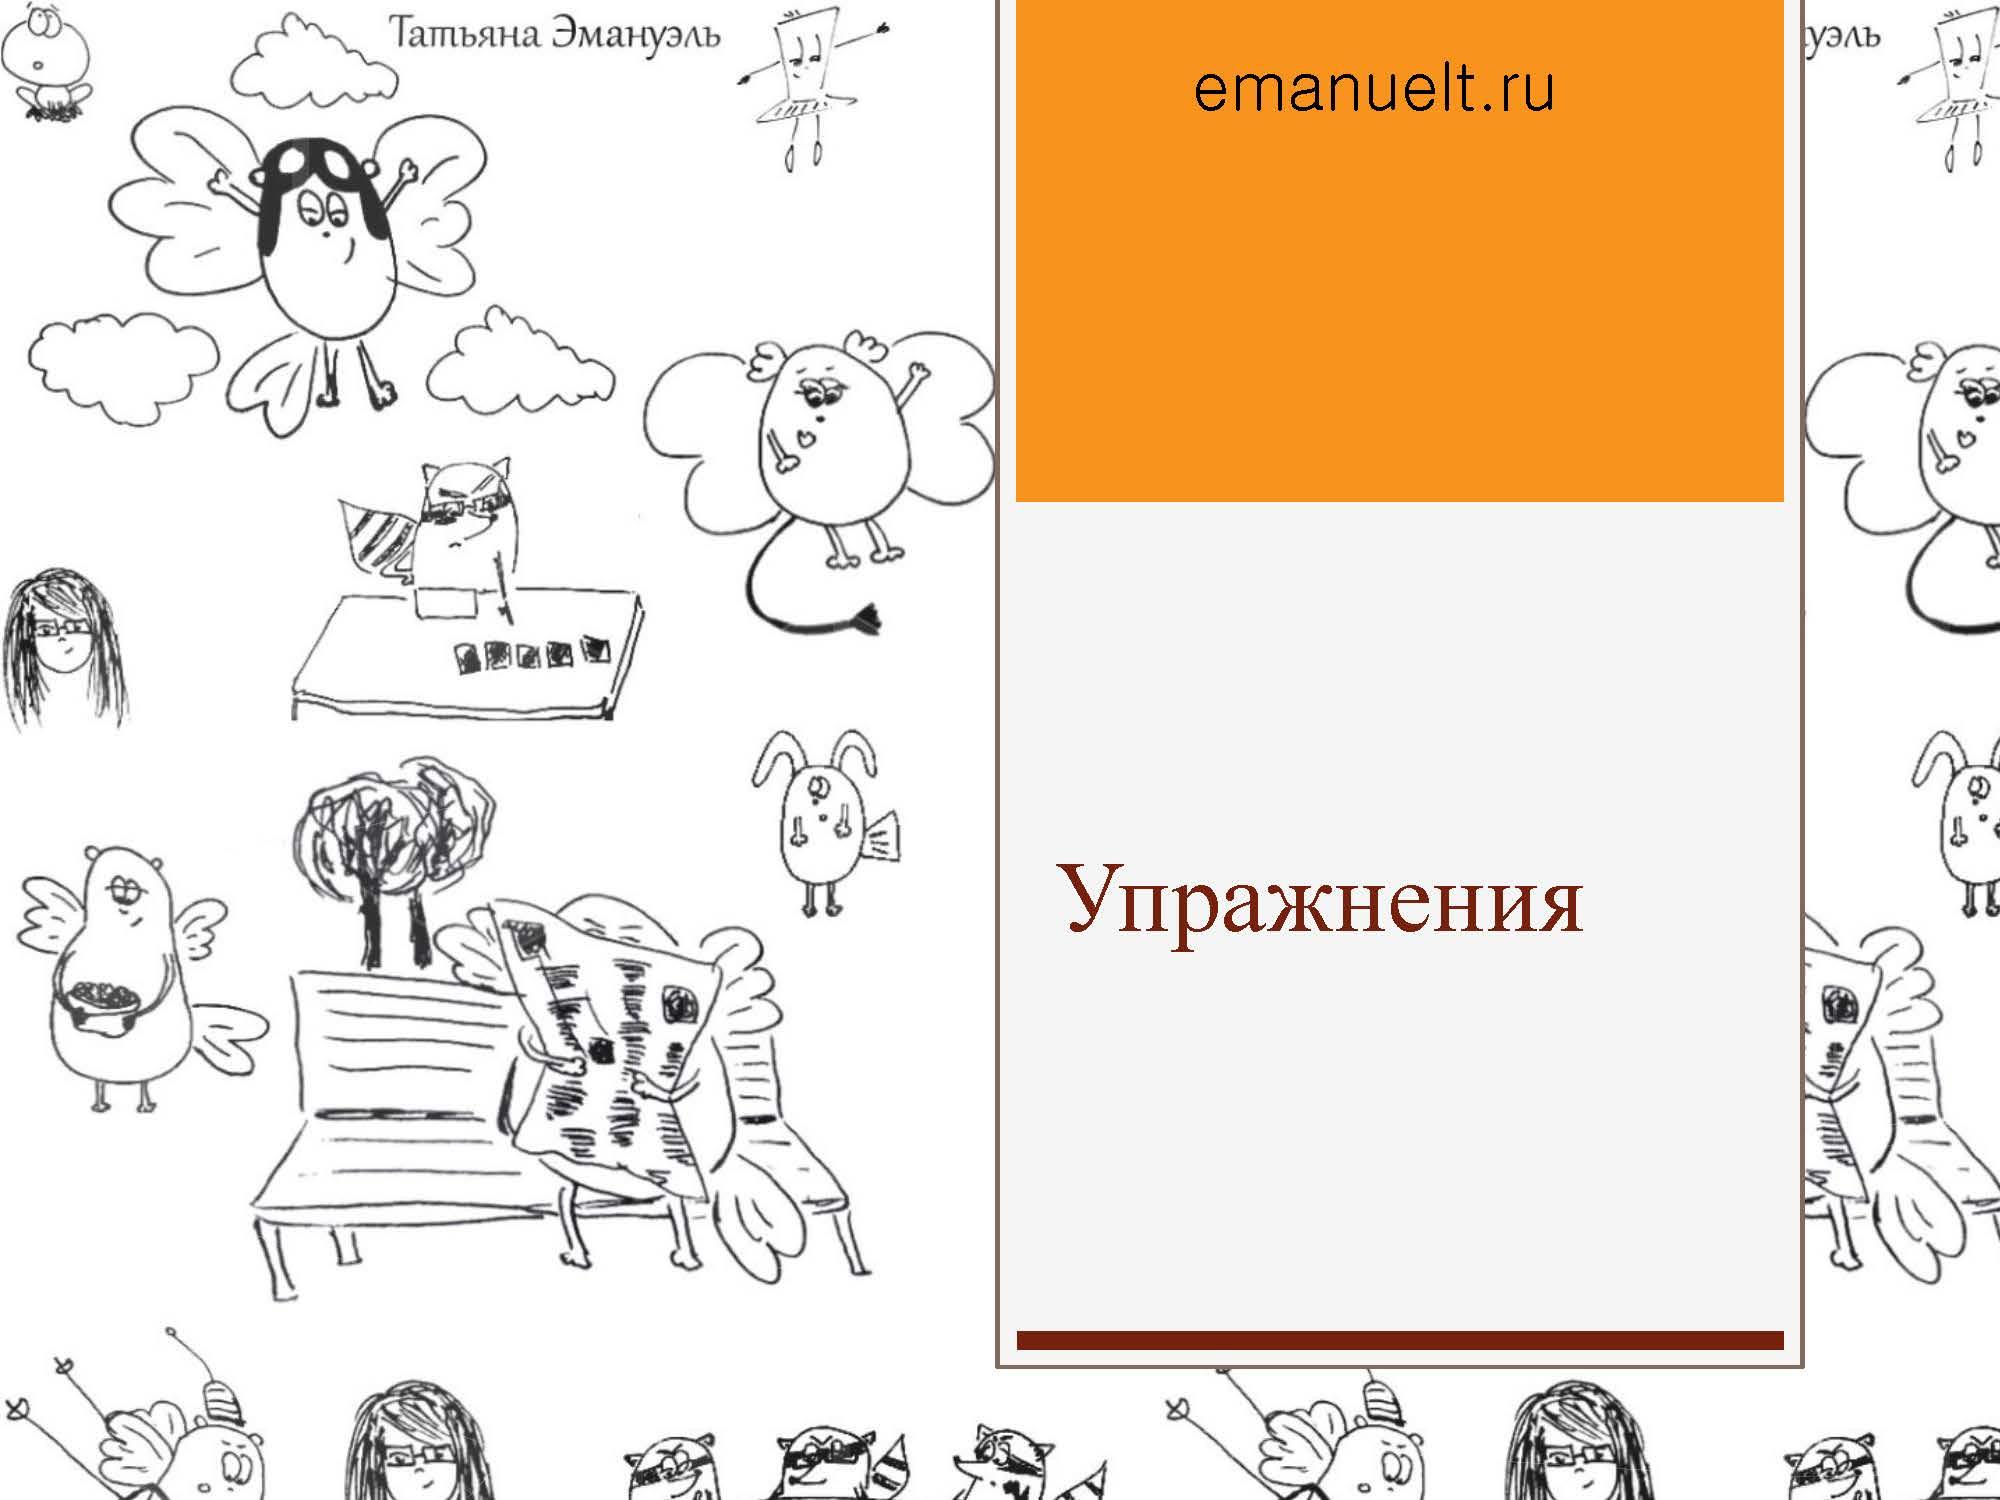 секция 8. Эмануэль Т.С., Московский район_Страница_38